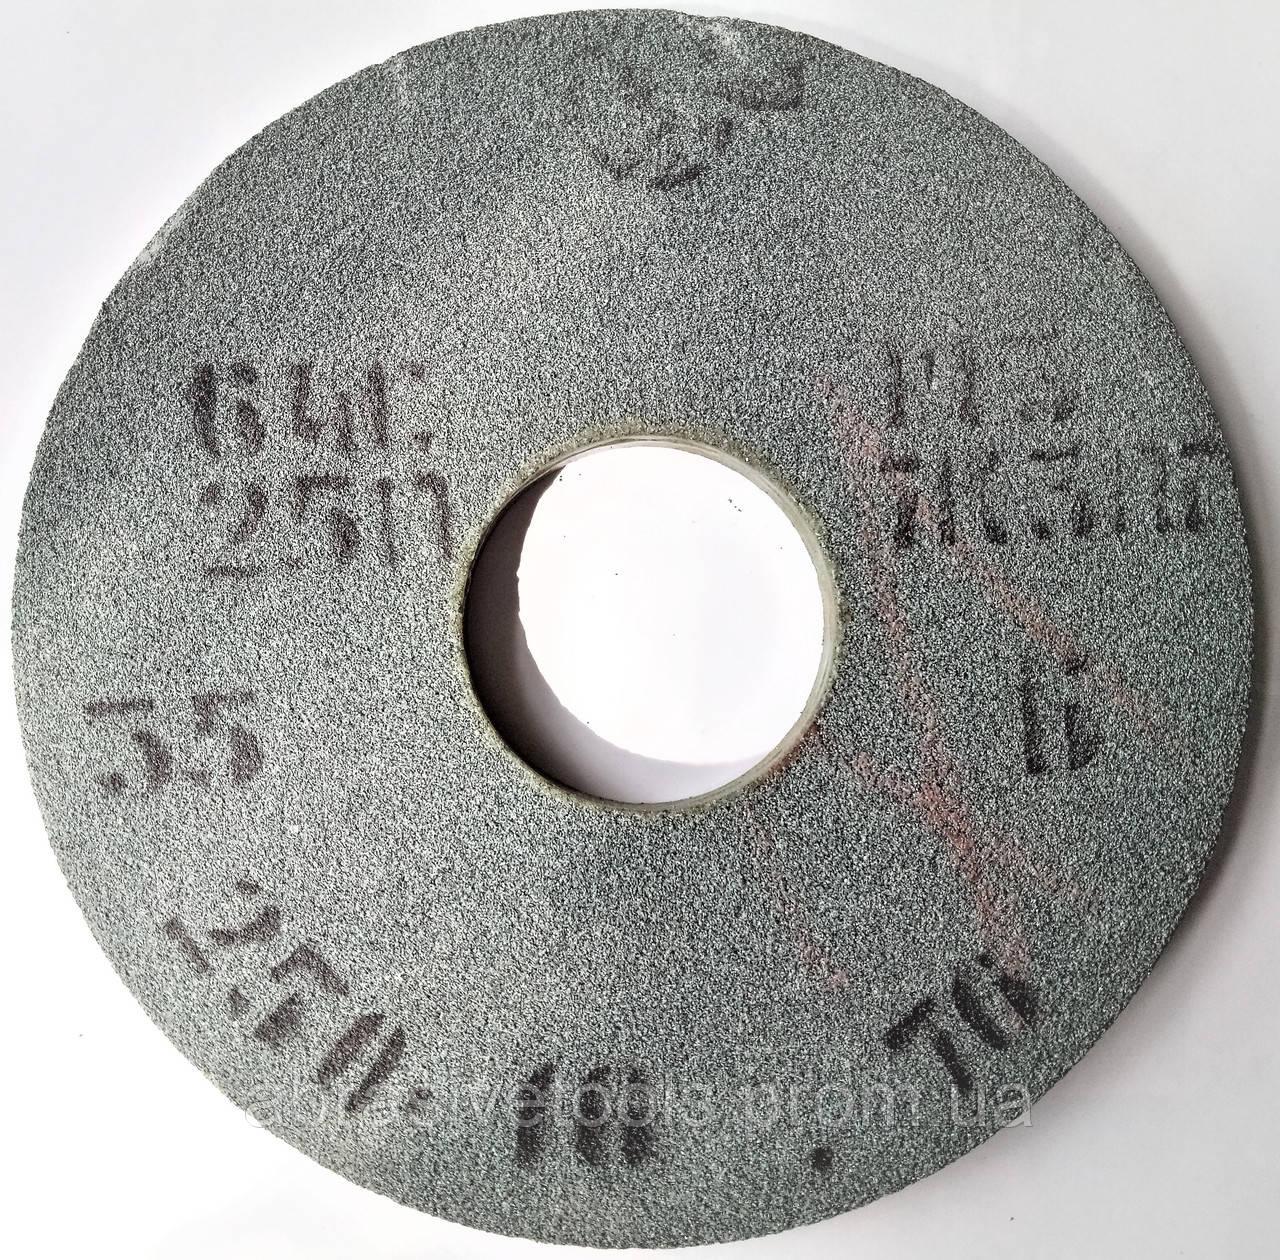 Круг шлифовальный 64С 250х40х76 F60 СМ